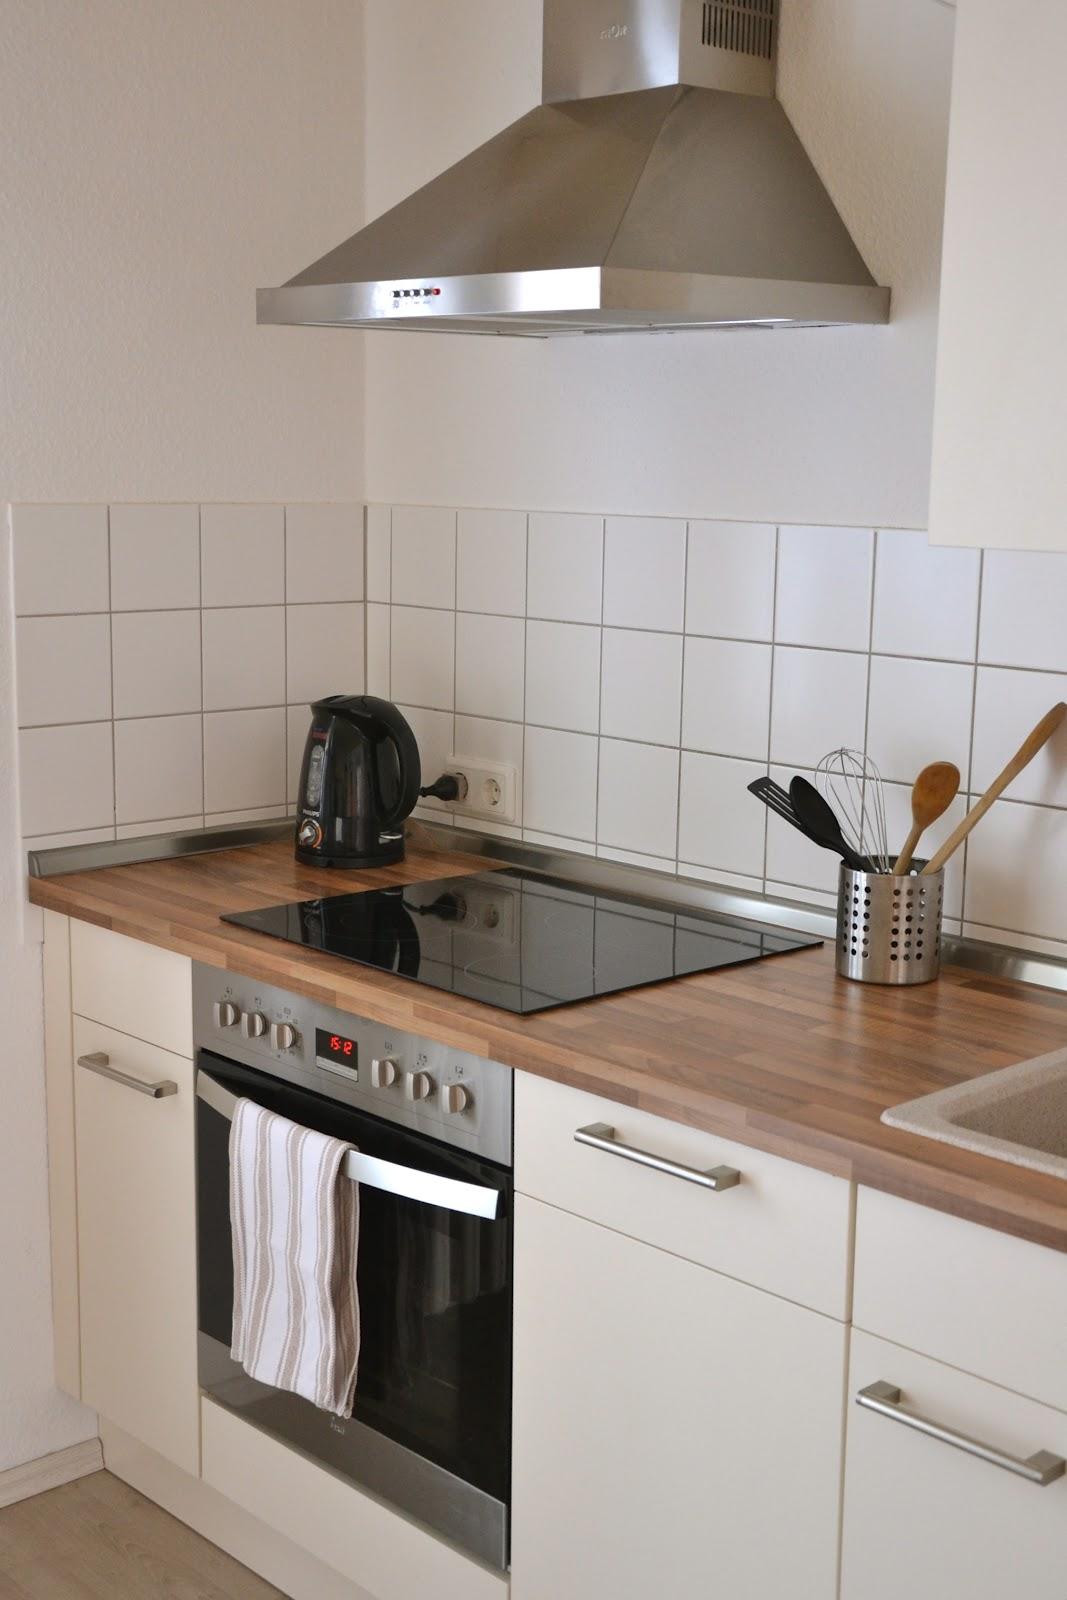 Desaf o blad agosto cocinas actitud y alegr a for La salvia en la cocina